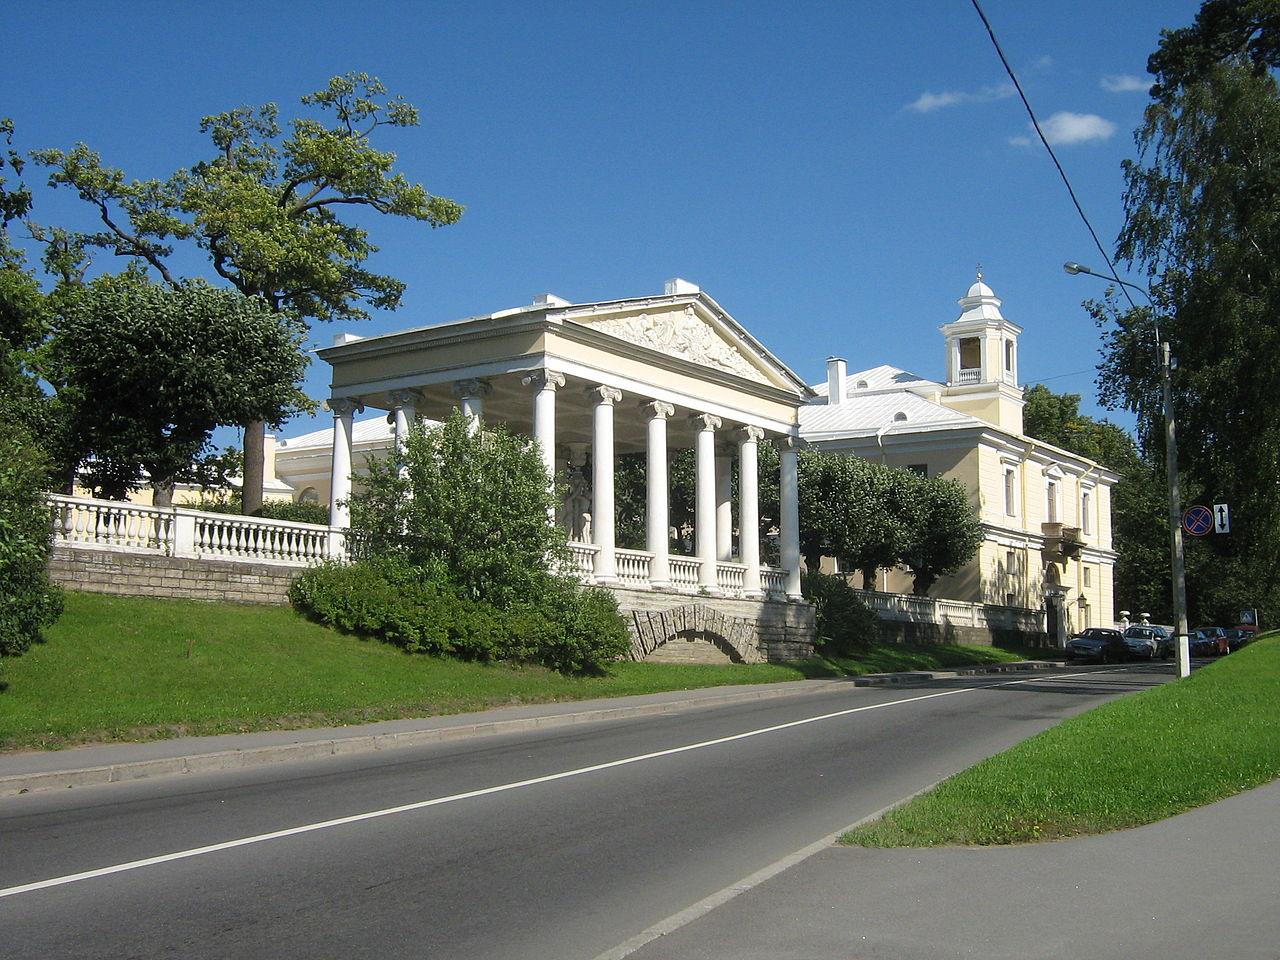 Павловск. Павловский парк, Павильон трёх граций. Автор фото: Peterburg23 (Wikimedia Commons)